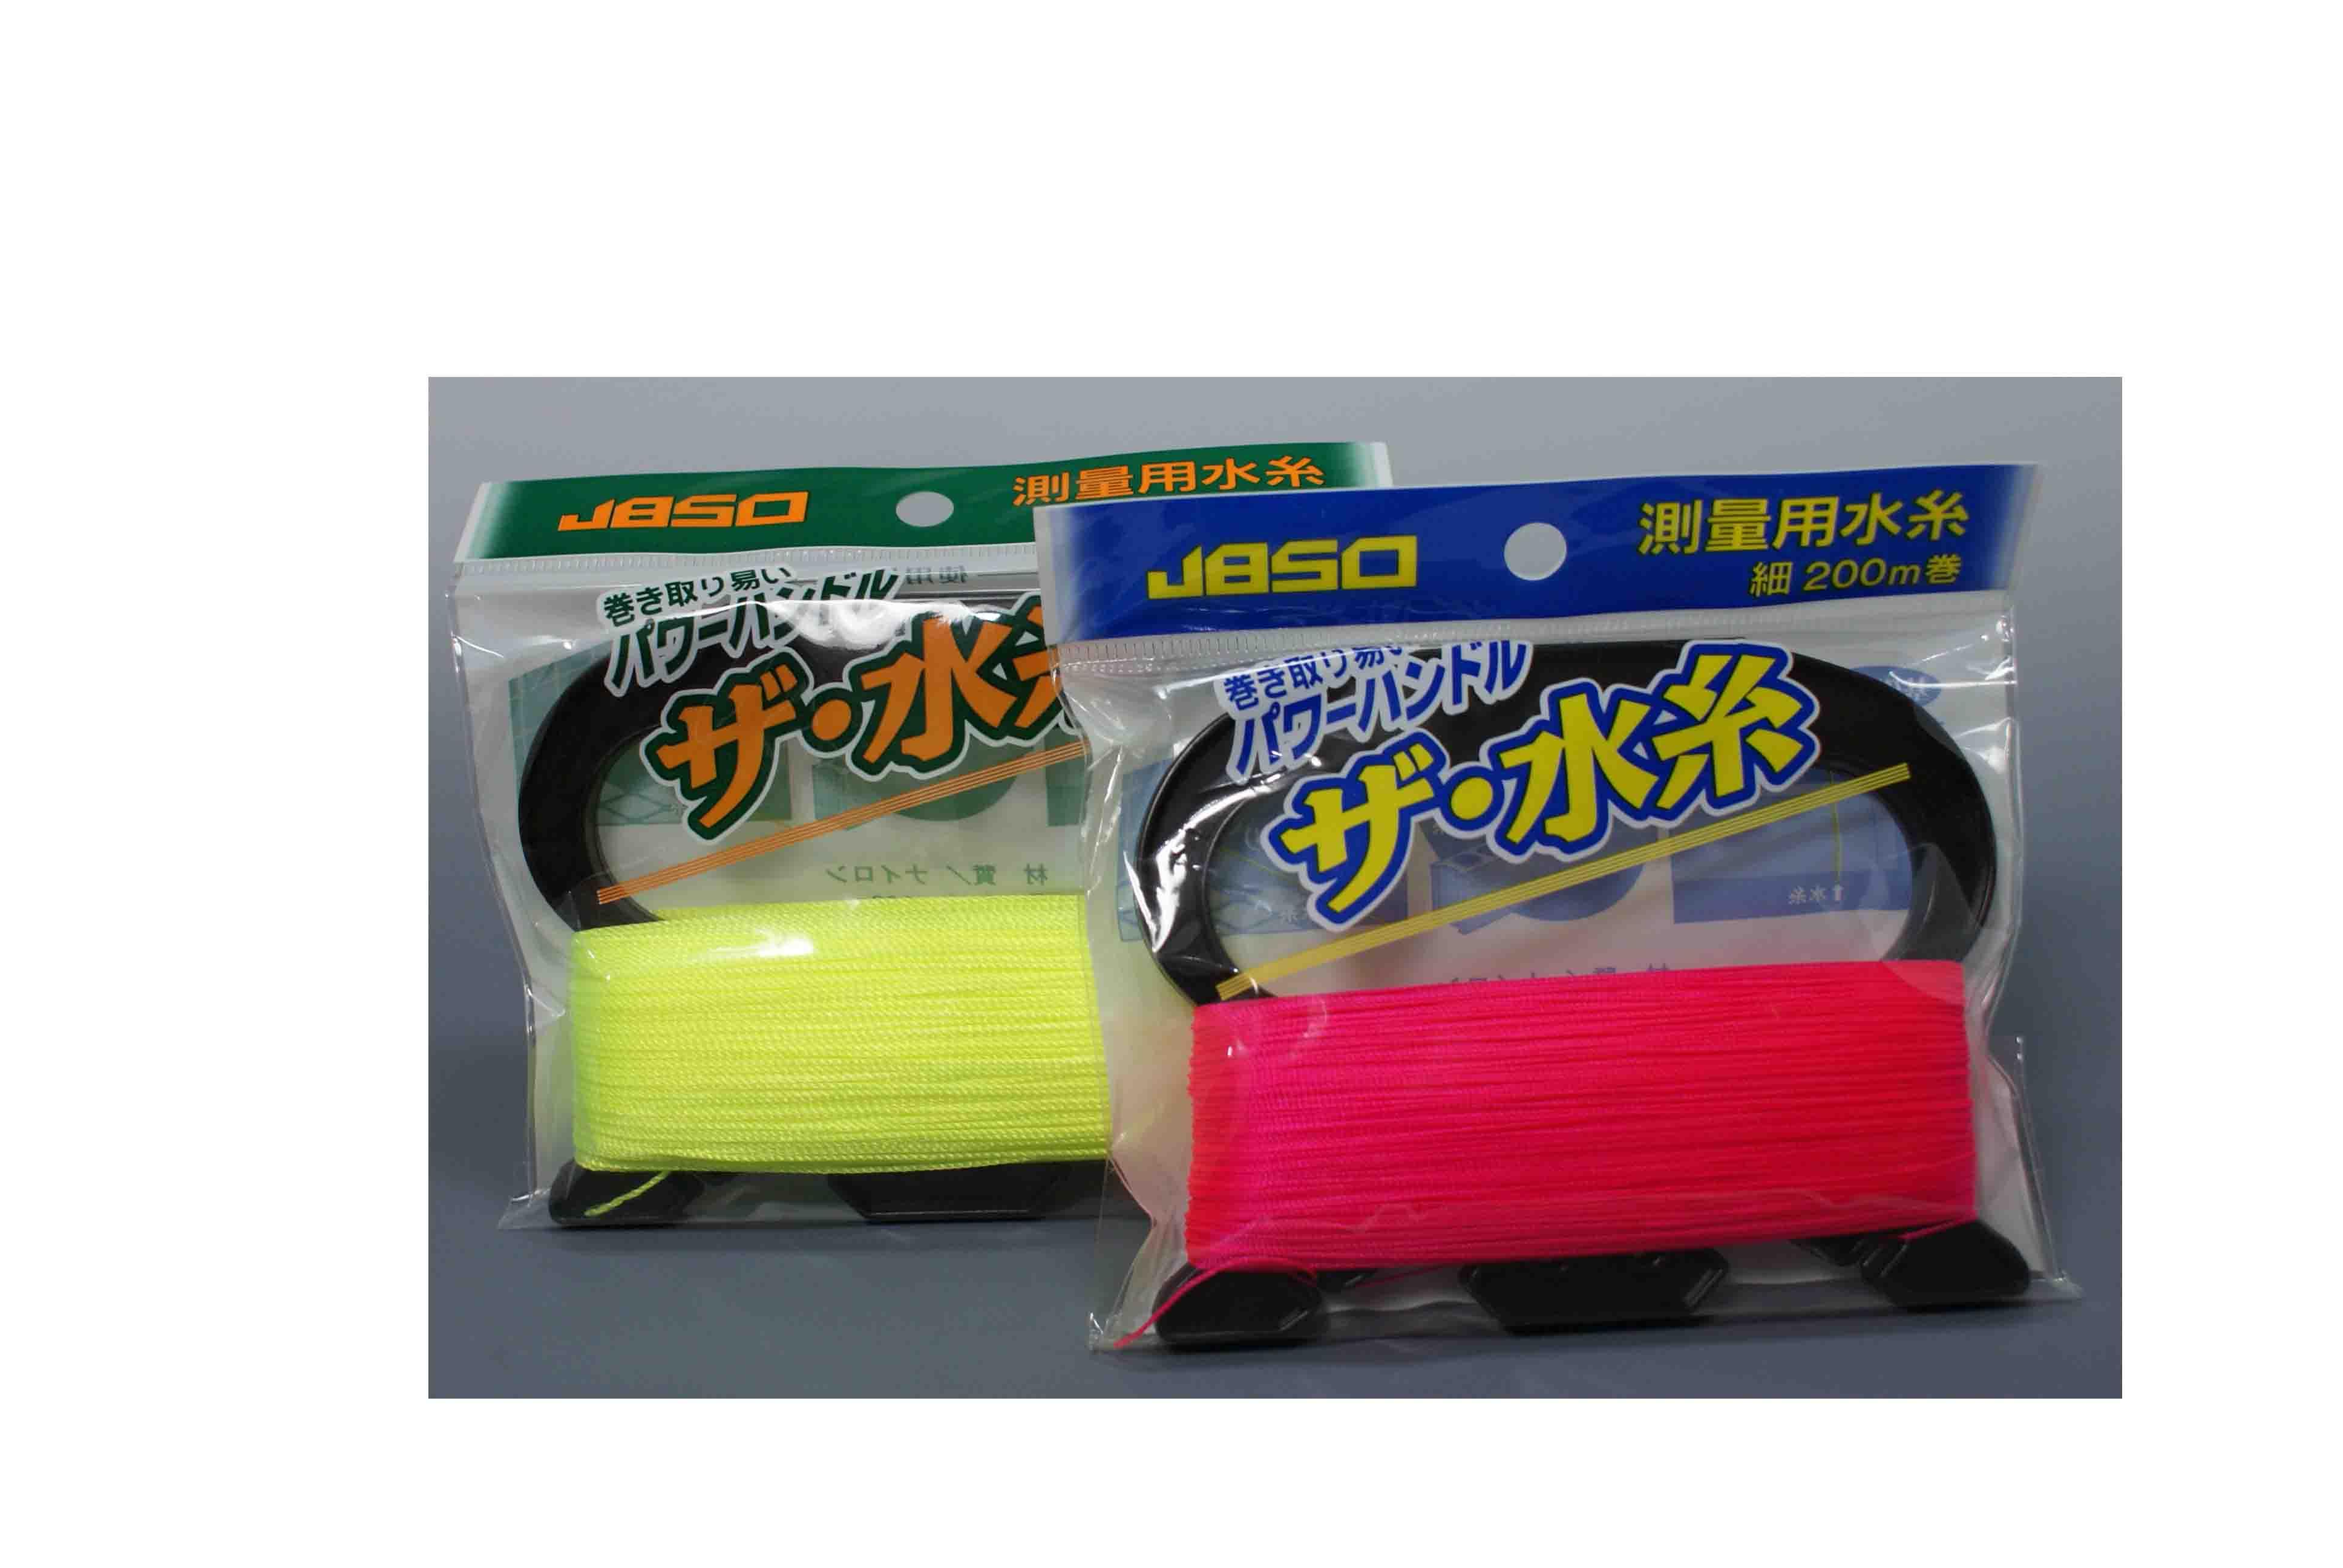 パワフルハンドル ザ・水糸 日本製